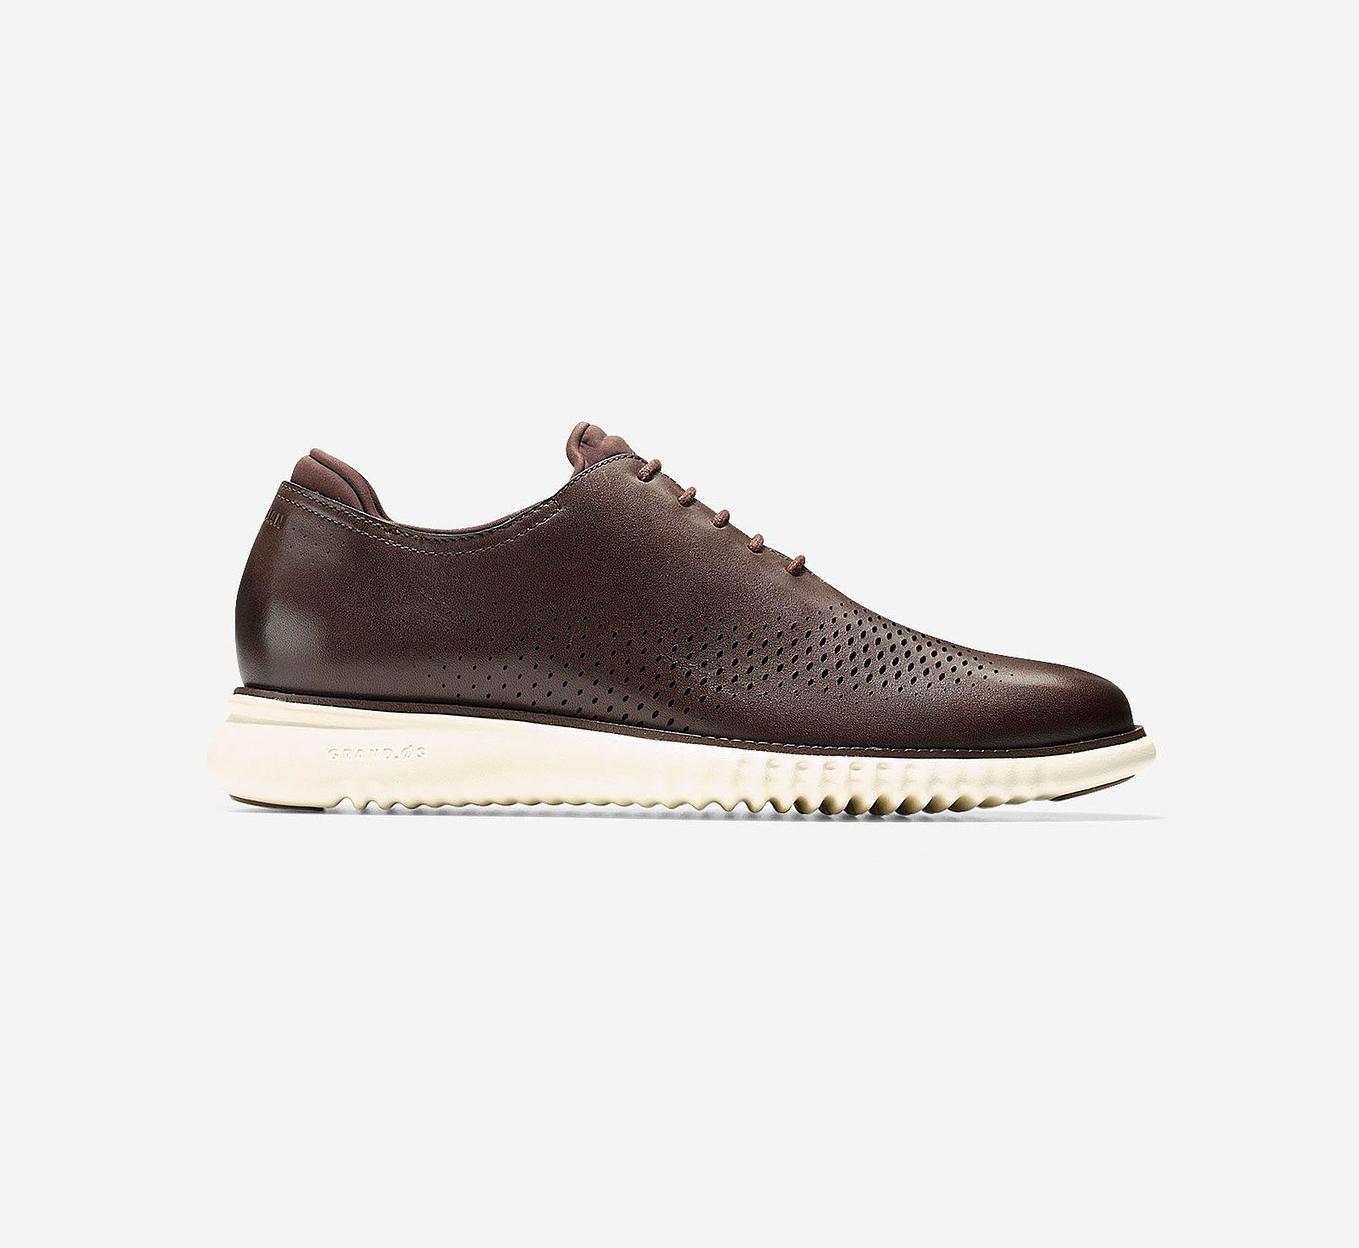 innovative-2-zerogrand-footwear-cole-haan-gessato-8